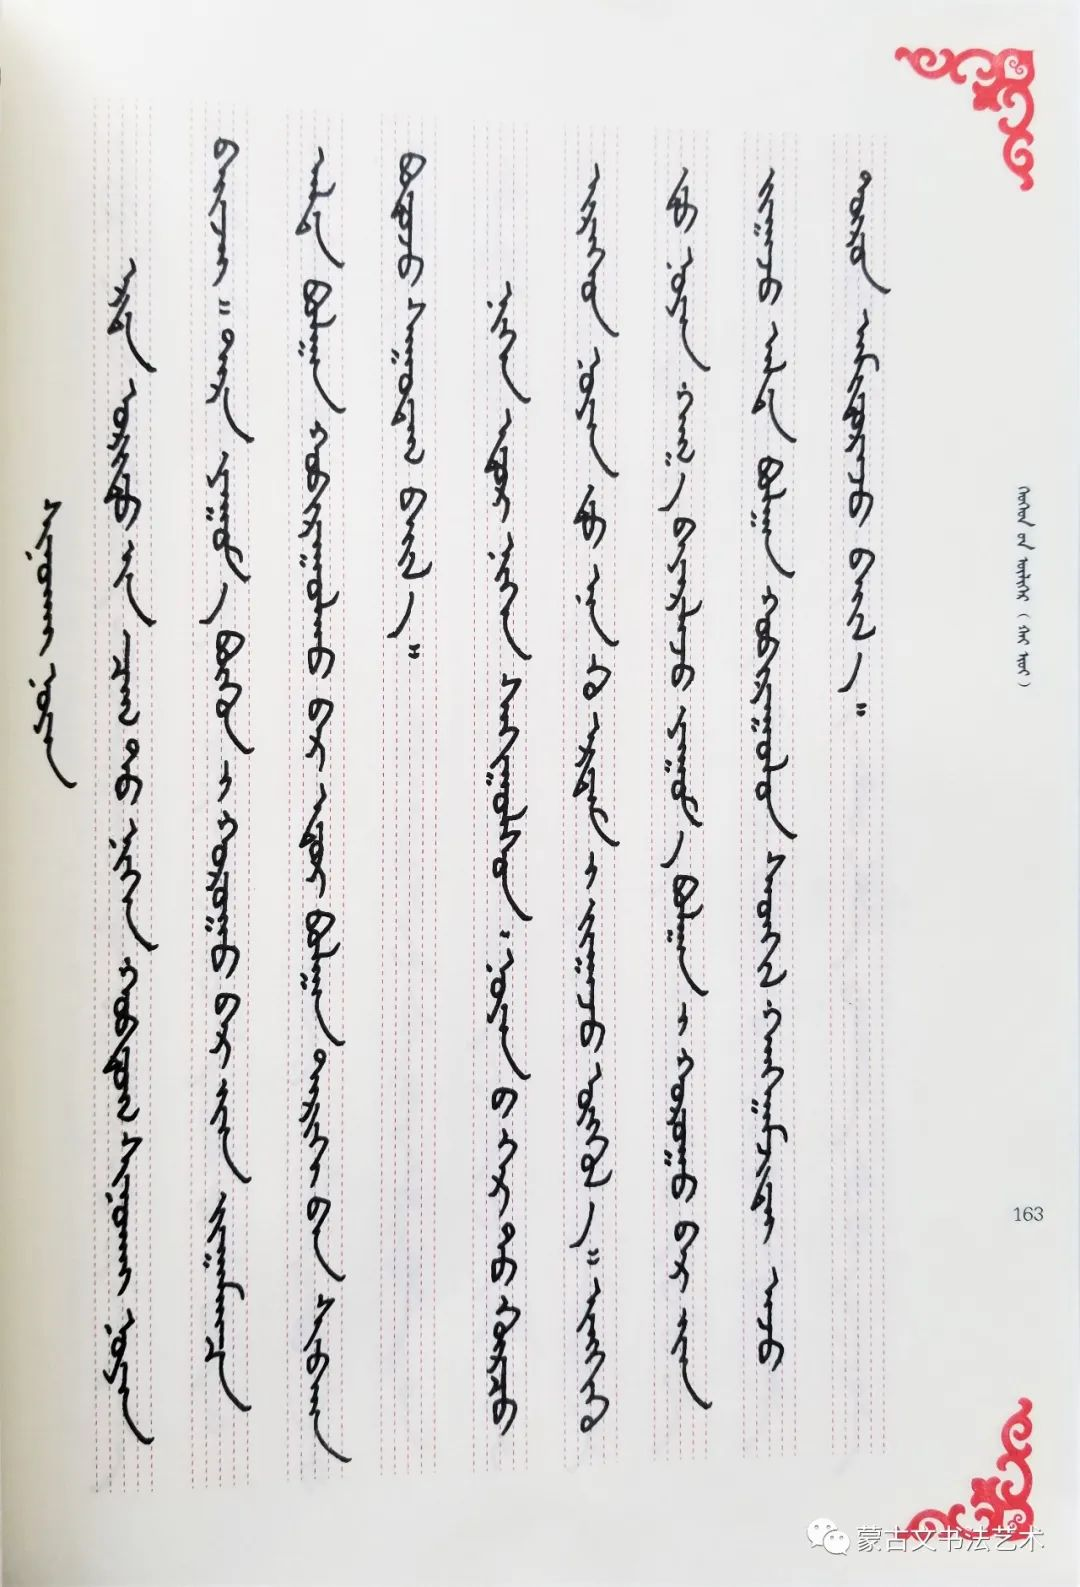 奈曼旗蒙古族实验小学十人《蒙古文钢笔规范字》 第55张 奈曼旗蒙古族实验小学十人《蒙古文钢笔规范字》 蒙古书法